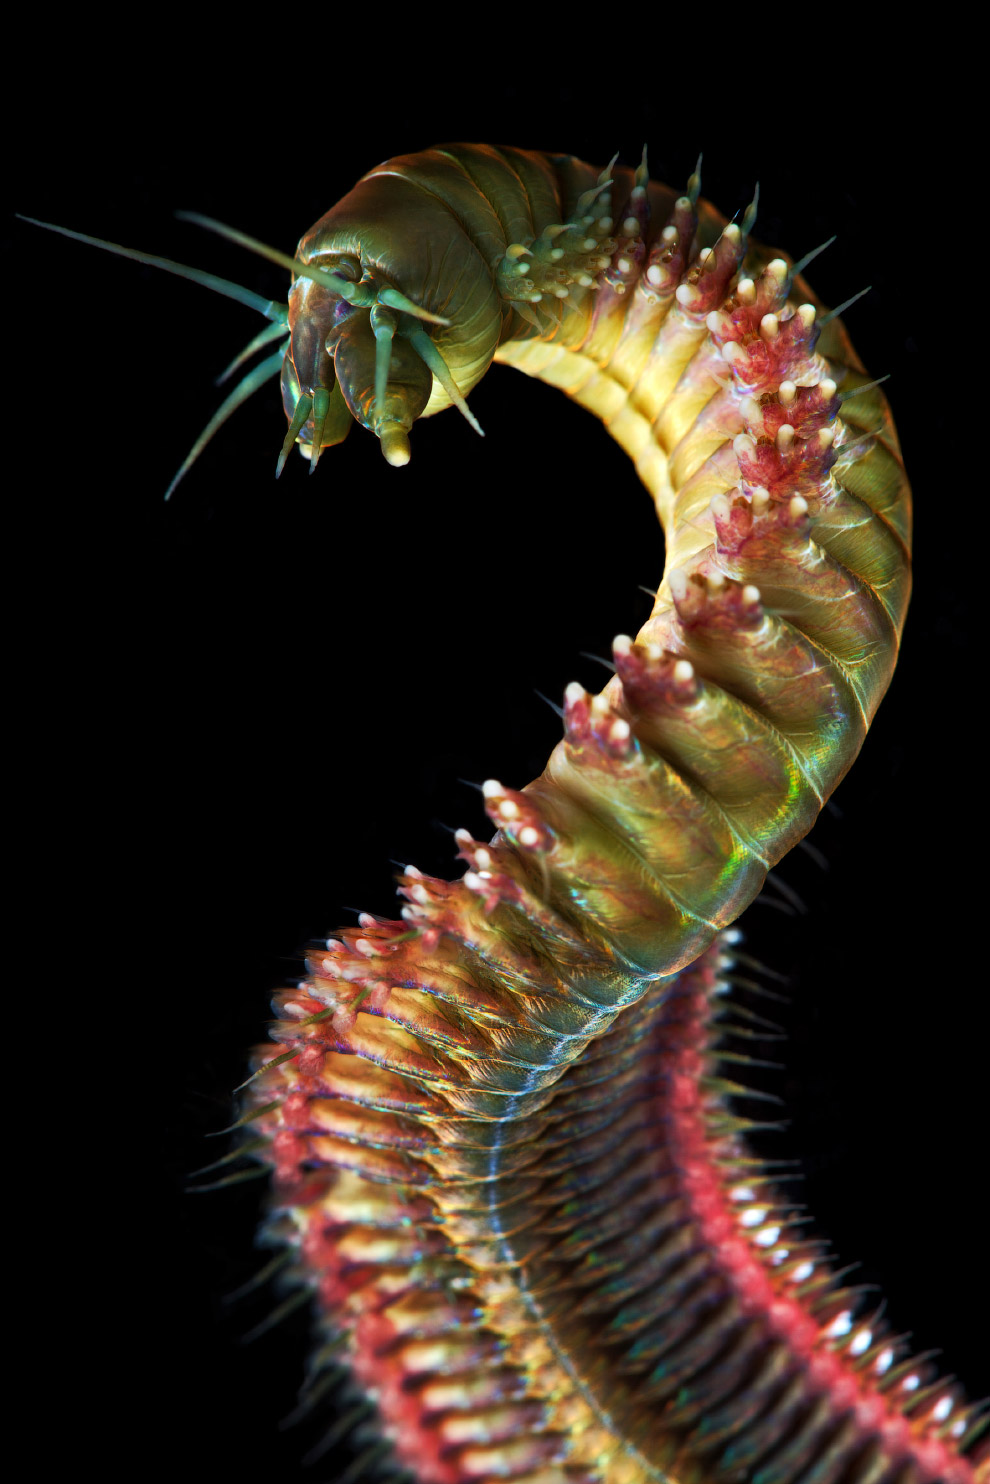 Многощетинковый червь или полихет